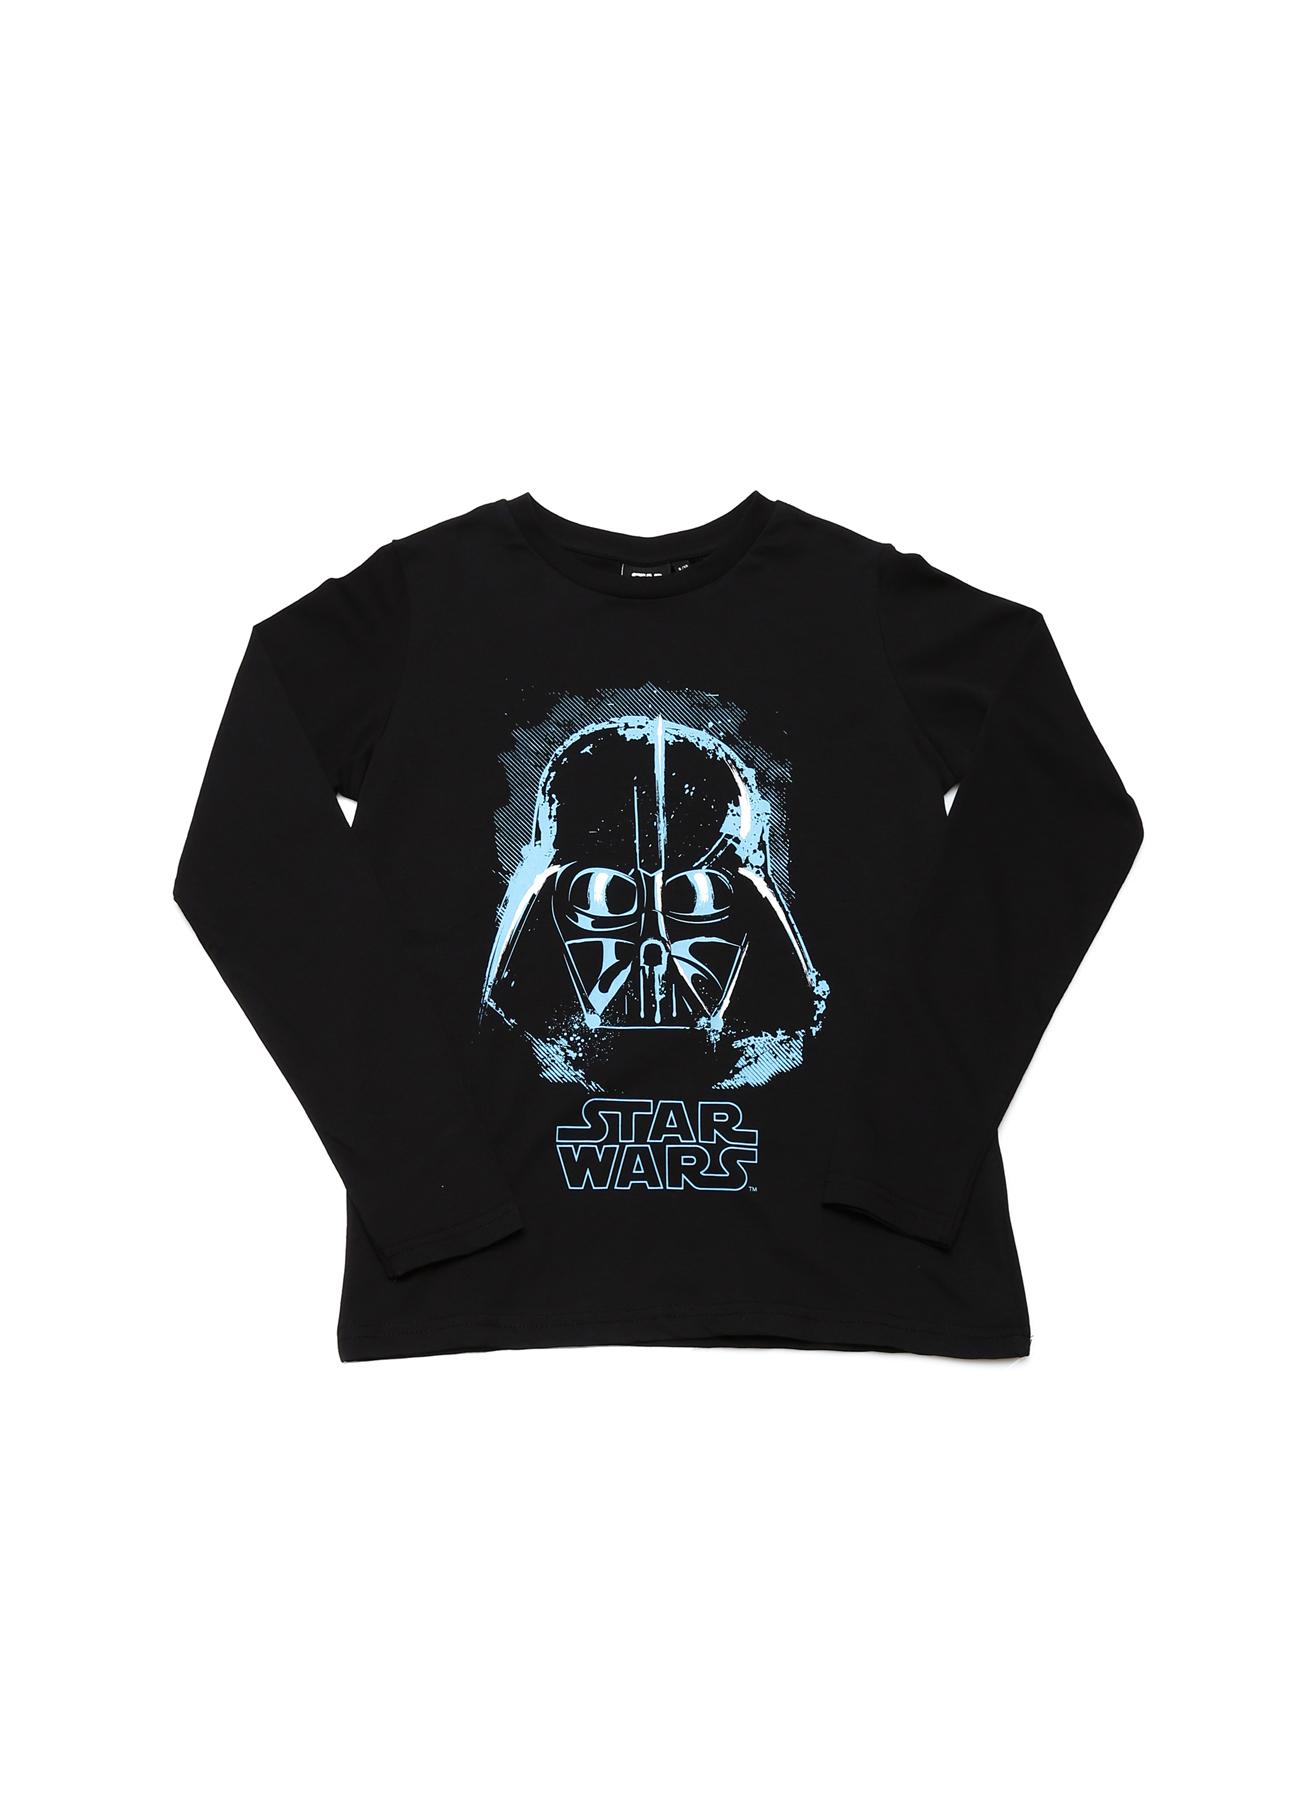 Limon Star Wars Baskılı Çocuk T-Shirt 9-10 Yaş 5000184725003 Ürün Resmi